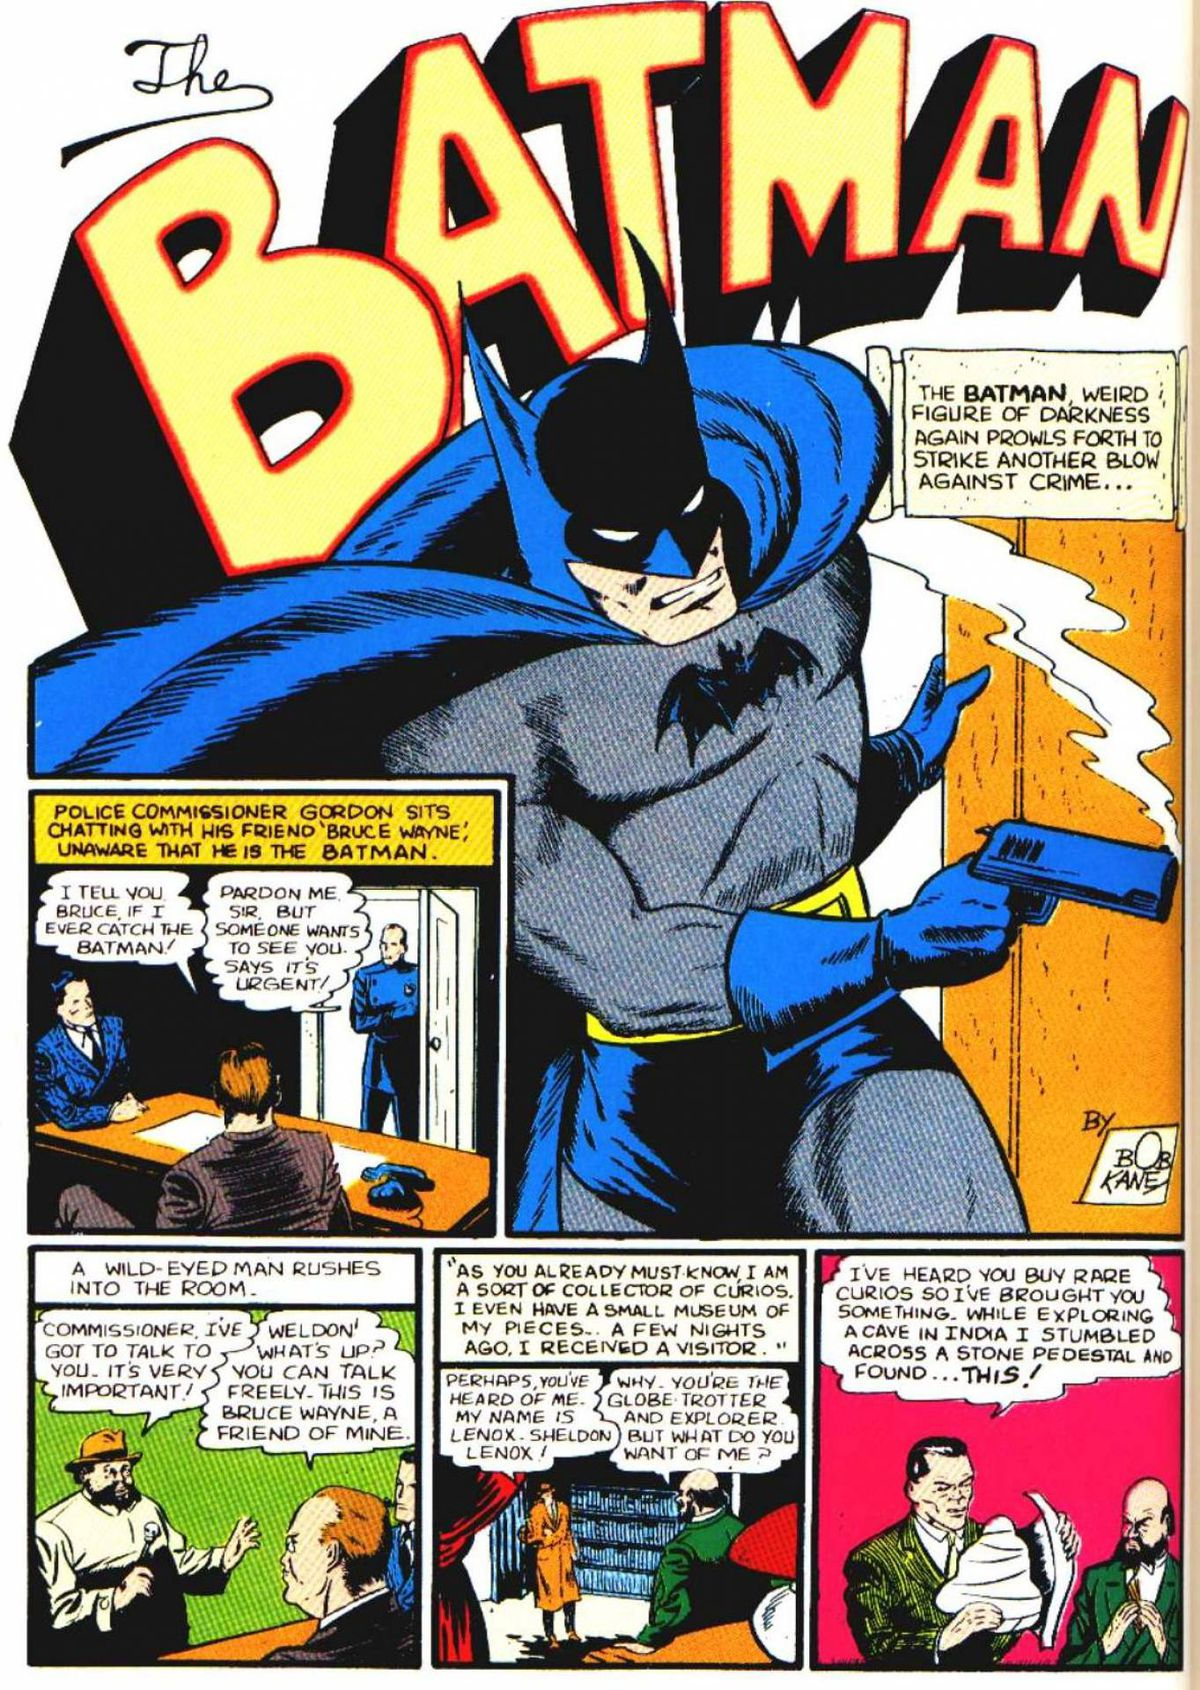 Detective Comics No 35